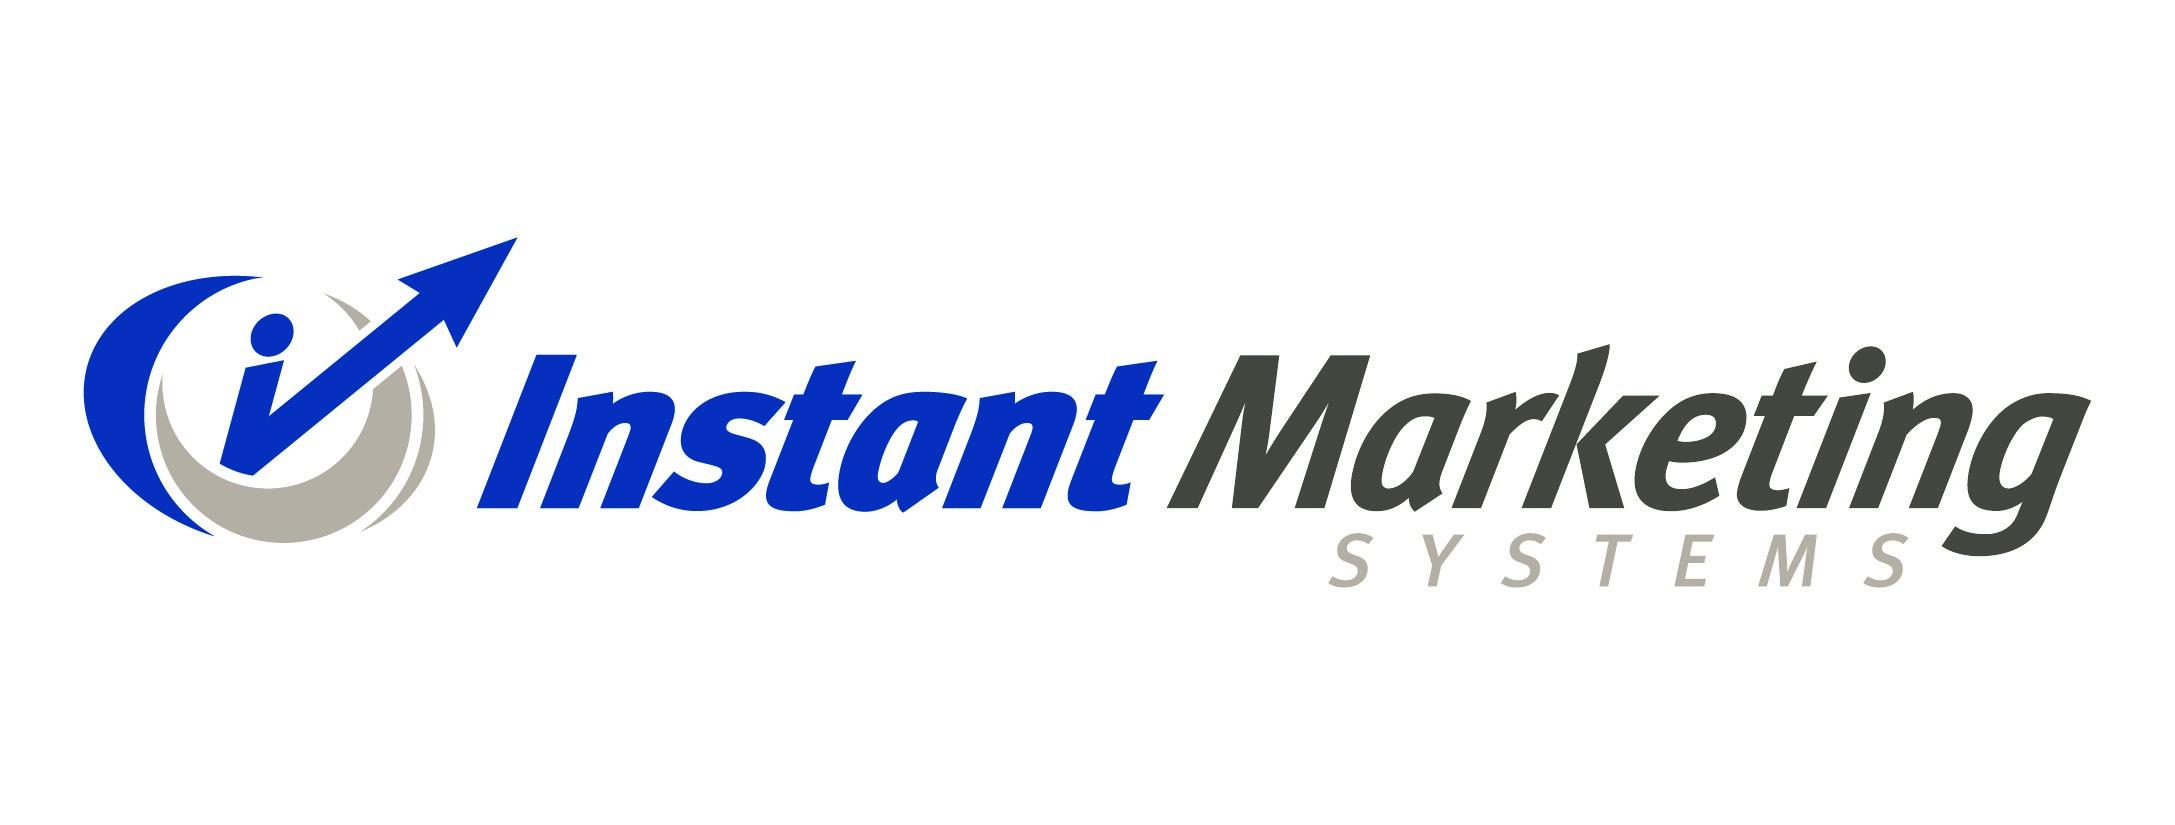 IMS Logo.jpg